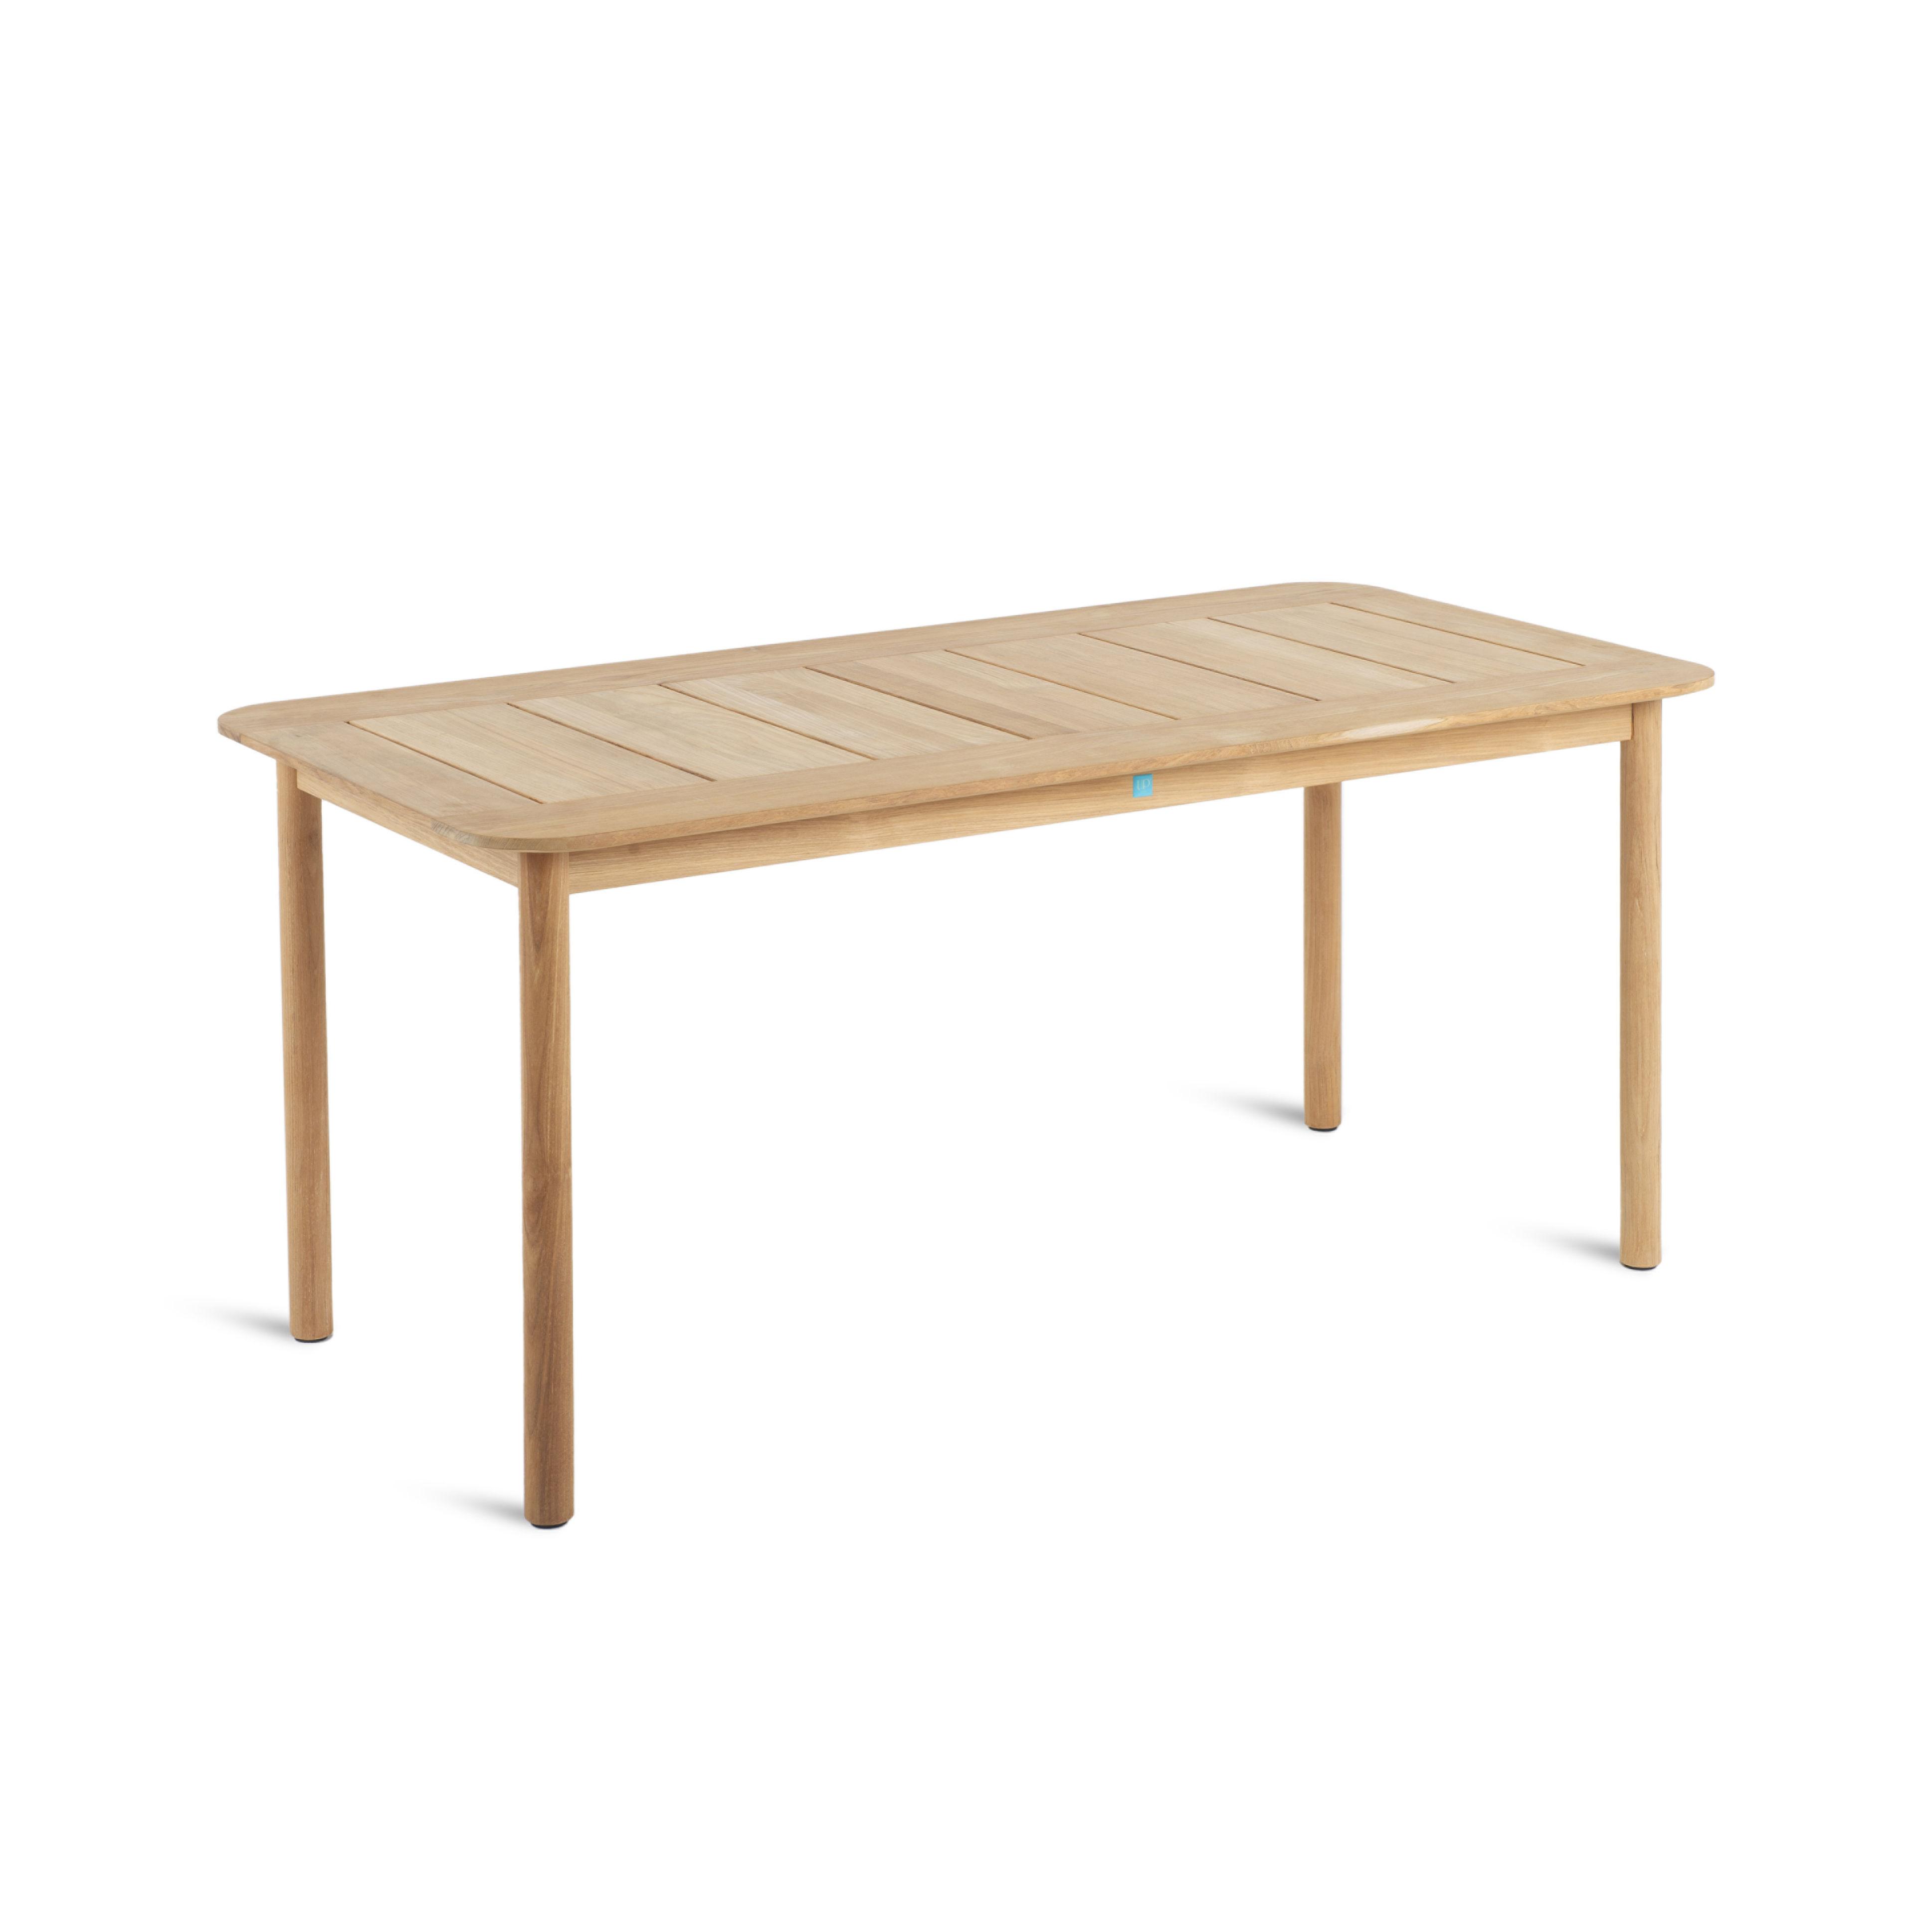 Table rectangulaire Pevero / 80 x 160 cm - 8 personnes - Teck - Unopiu bois naturel en bois